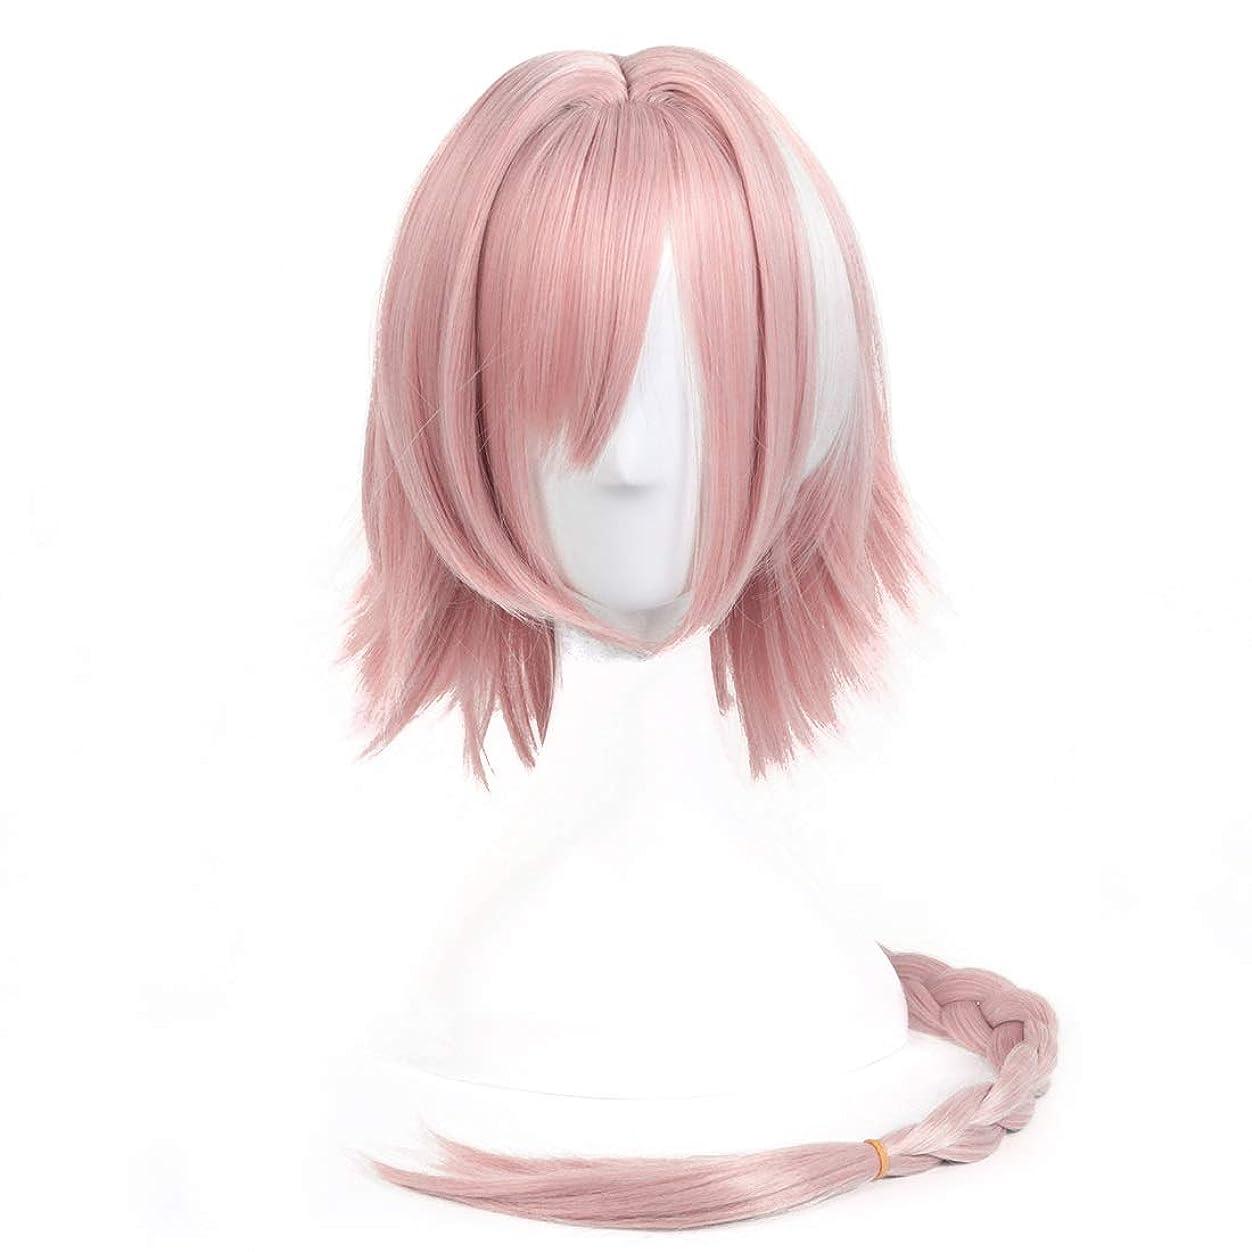 扱いやすい値下げマンモスFate/ApocryphaのアニメキャラクターAstolfo Wigコスプレウィッグ (Color : Cherry powder)